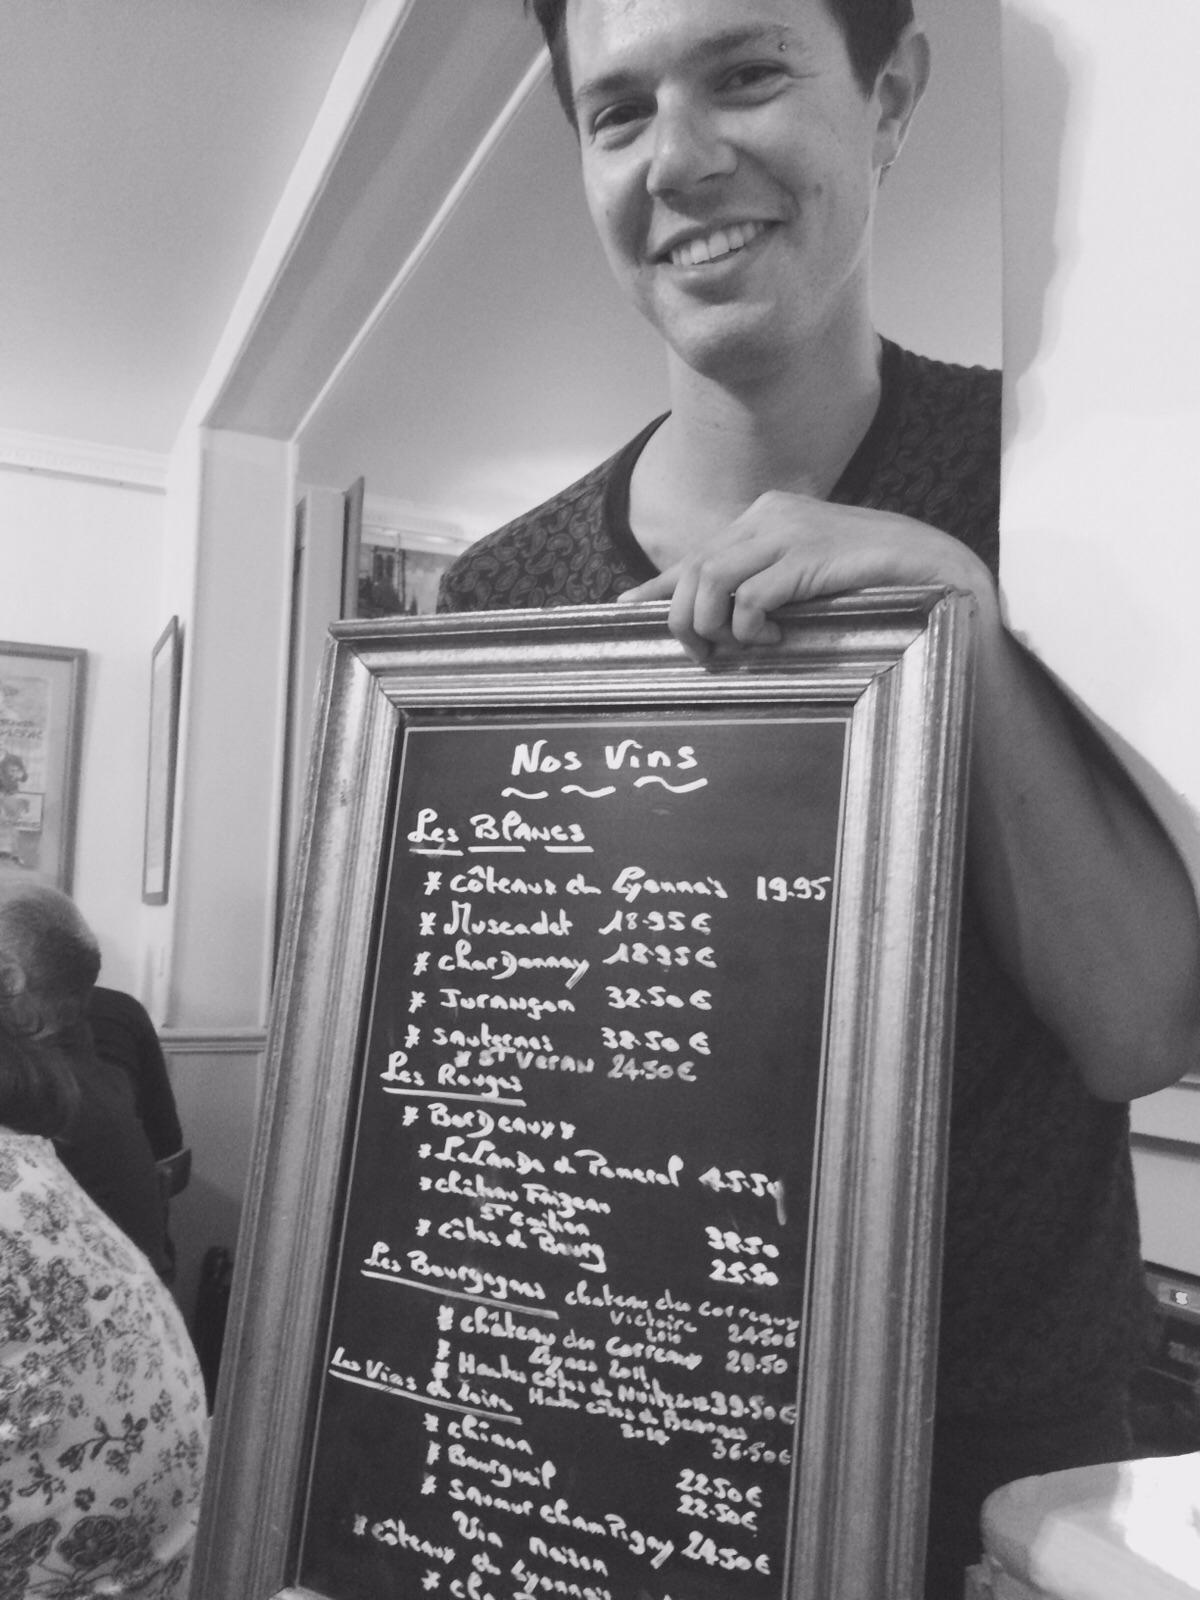 The wine menu at Le Vieux Belleville was mobile